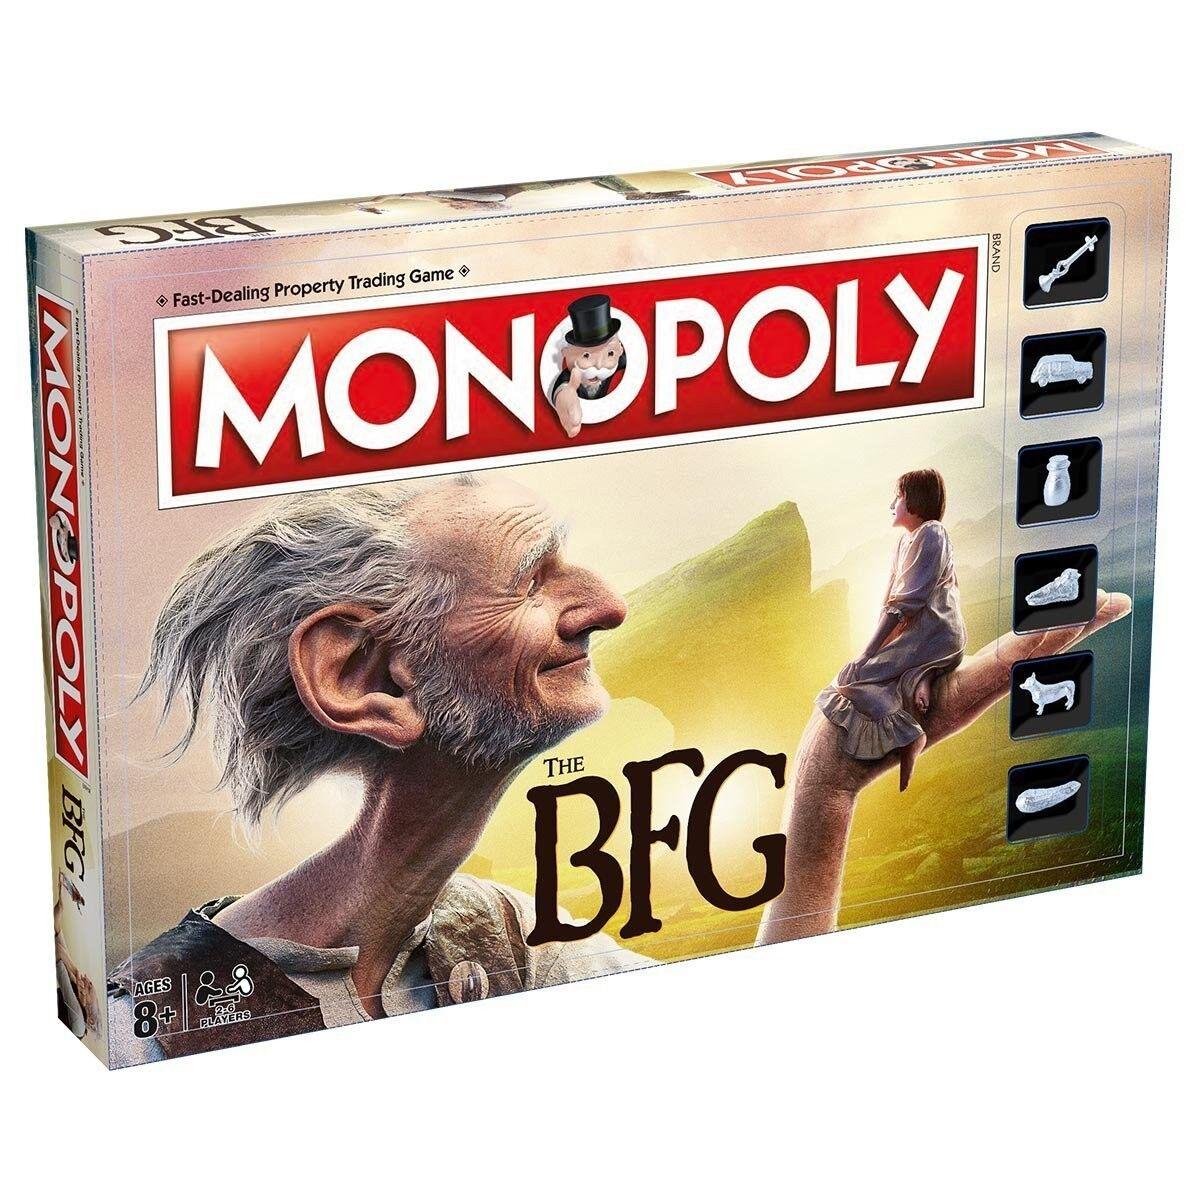 Monopoly The BFG (Big Friendly Giant) Brettspiel - englische Version NEU